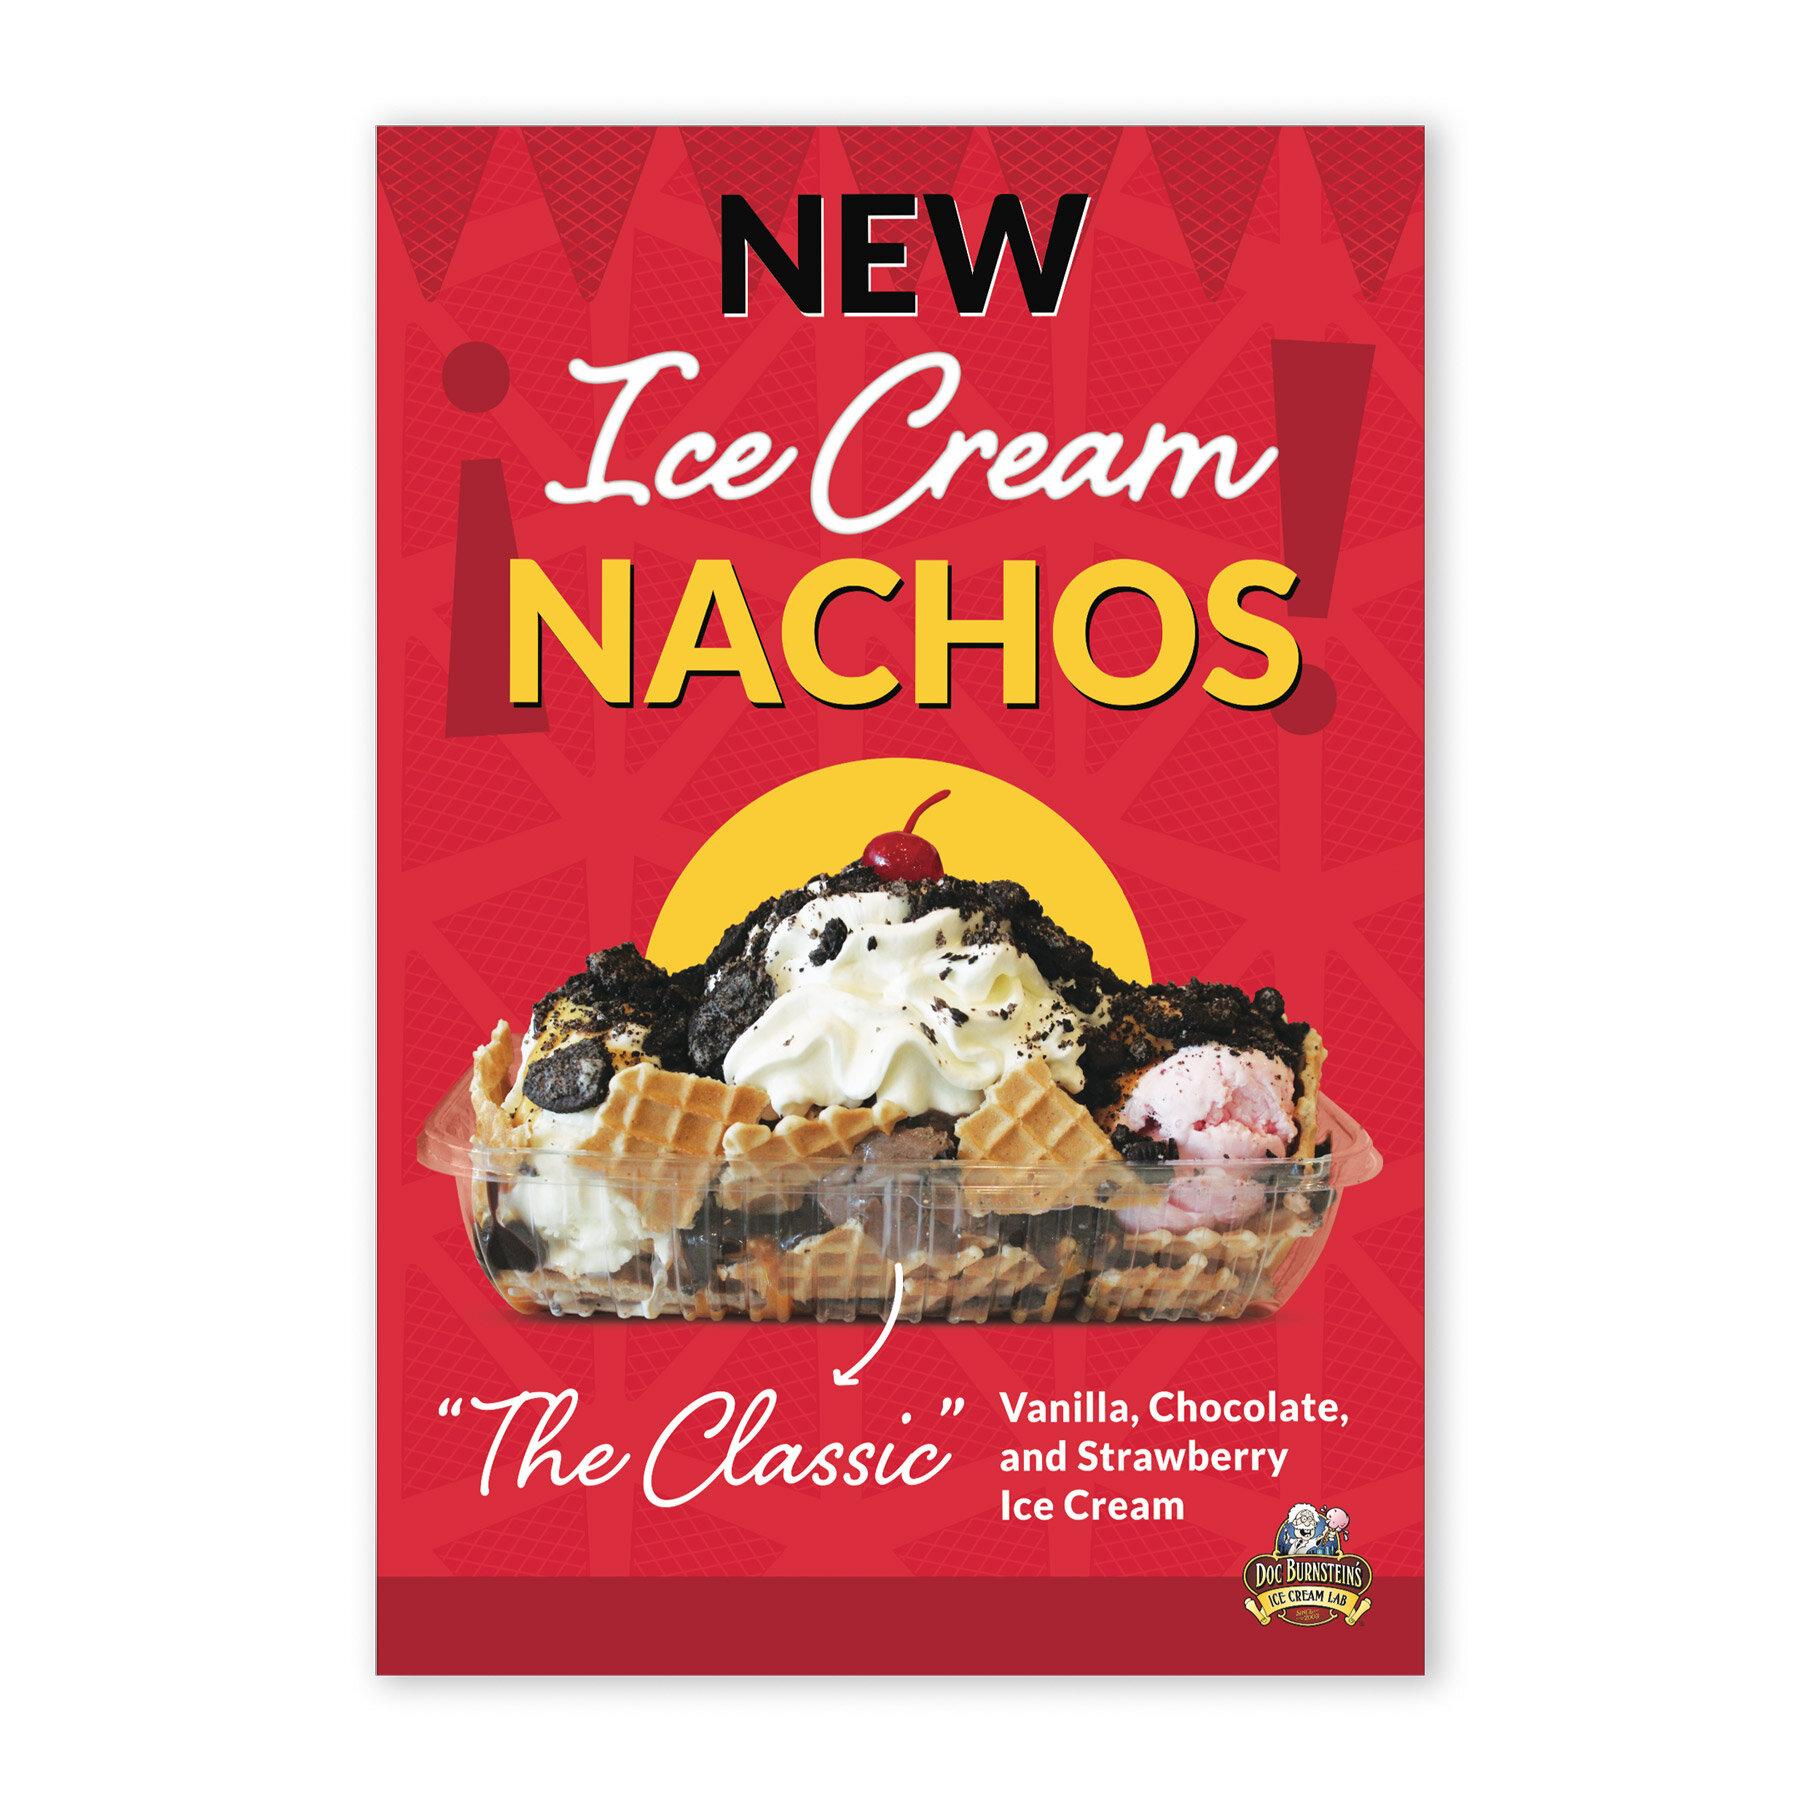 CulpritMedia-Group-Doc-Burnsteins-Ice-Cream-Nachos-Poster-Design.jpg